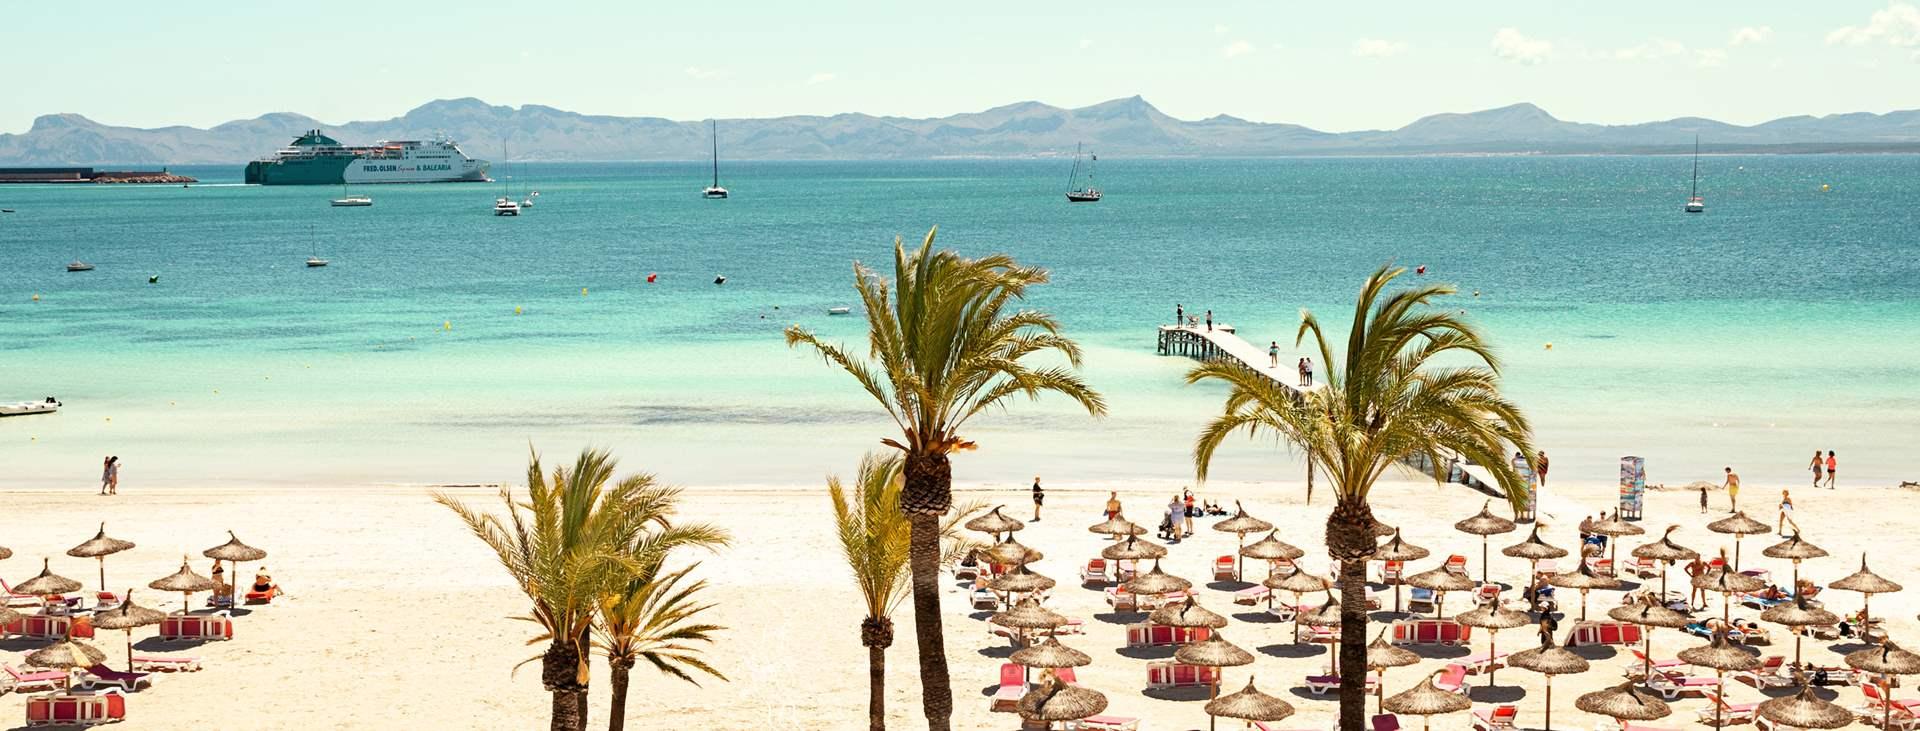 Bestill en reise til barnevennlige Alcudia på Mallorca med Ving